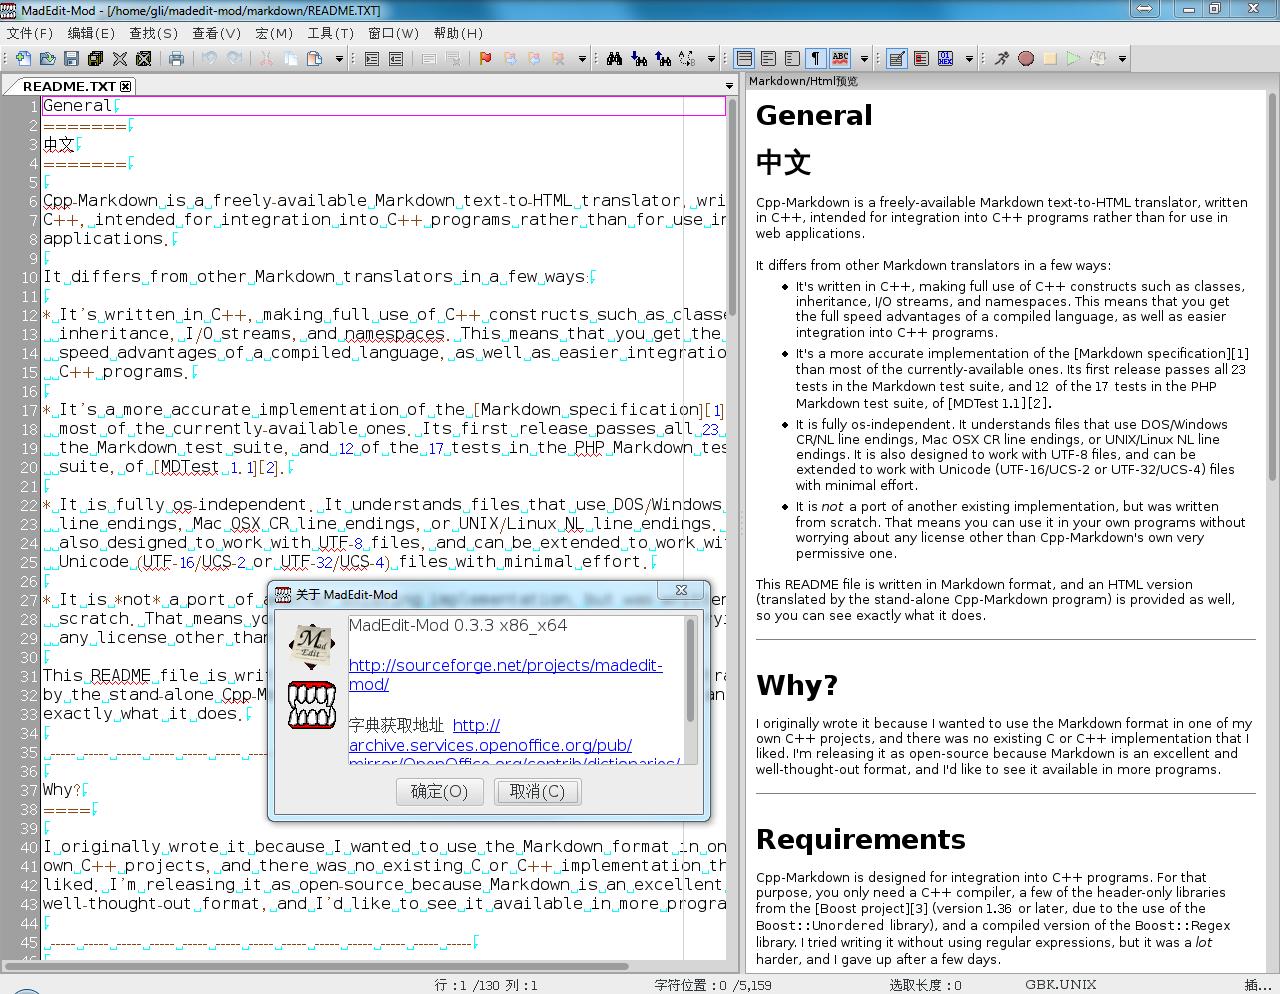 Madedit-Mod download | SourceForge net